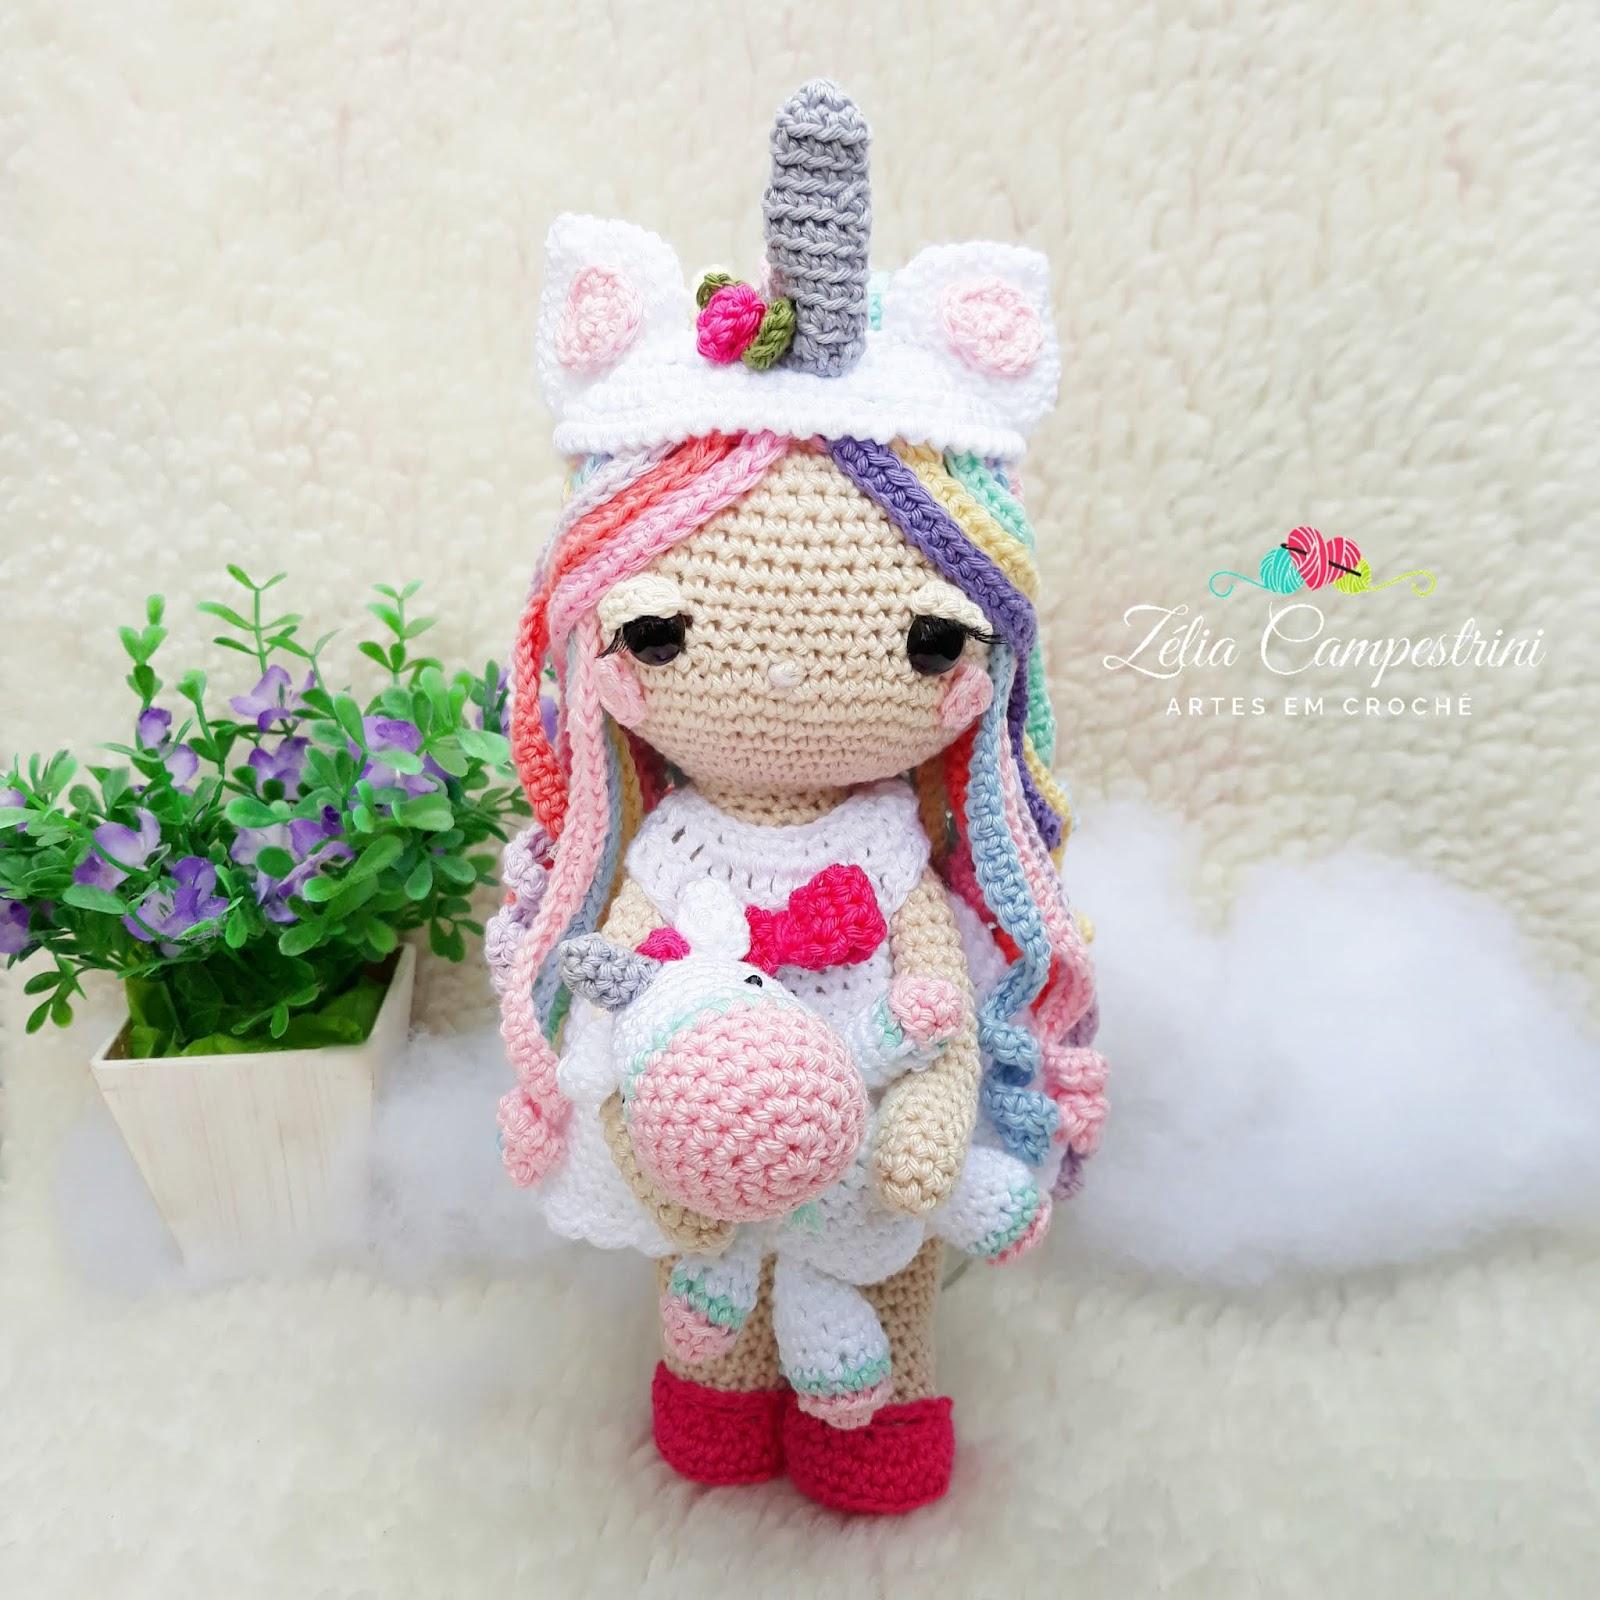 unicórnio | Unicórnio de crochê, Bichinhos de croche, Amigurumi de ... | 1600x1600